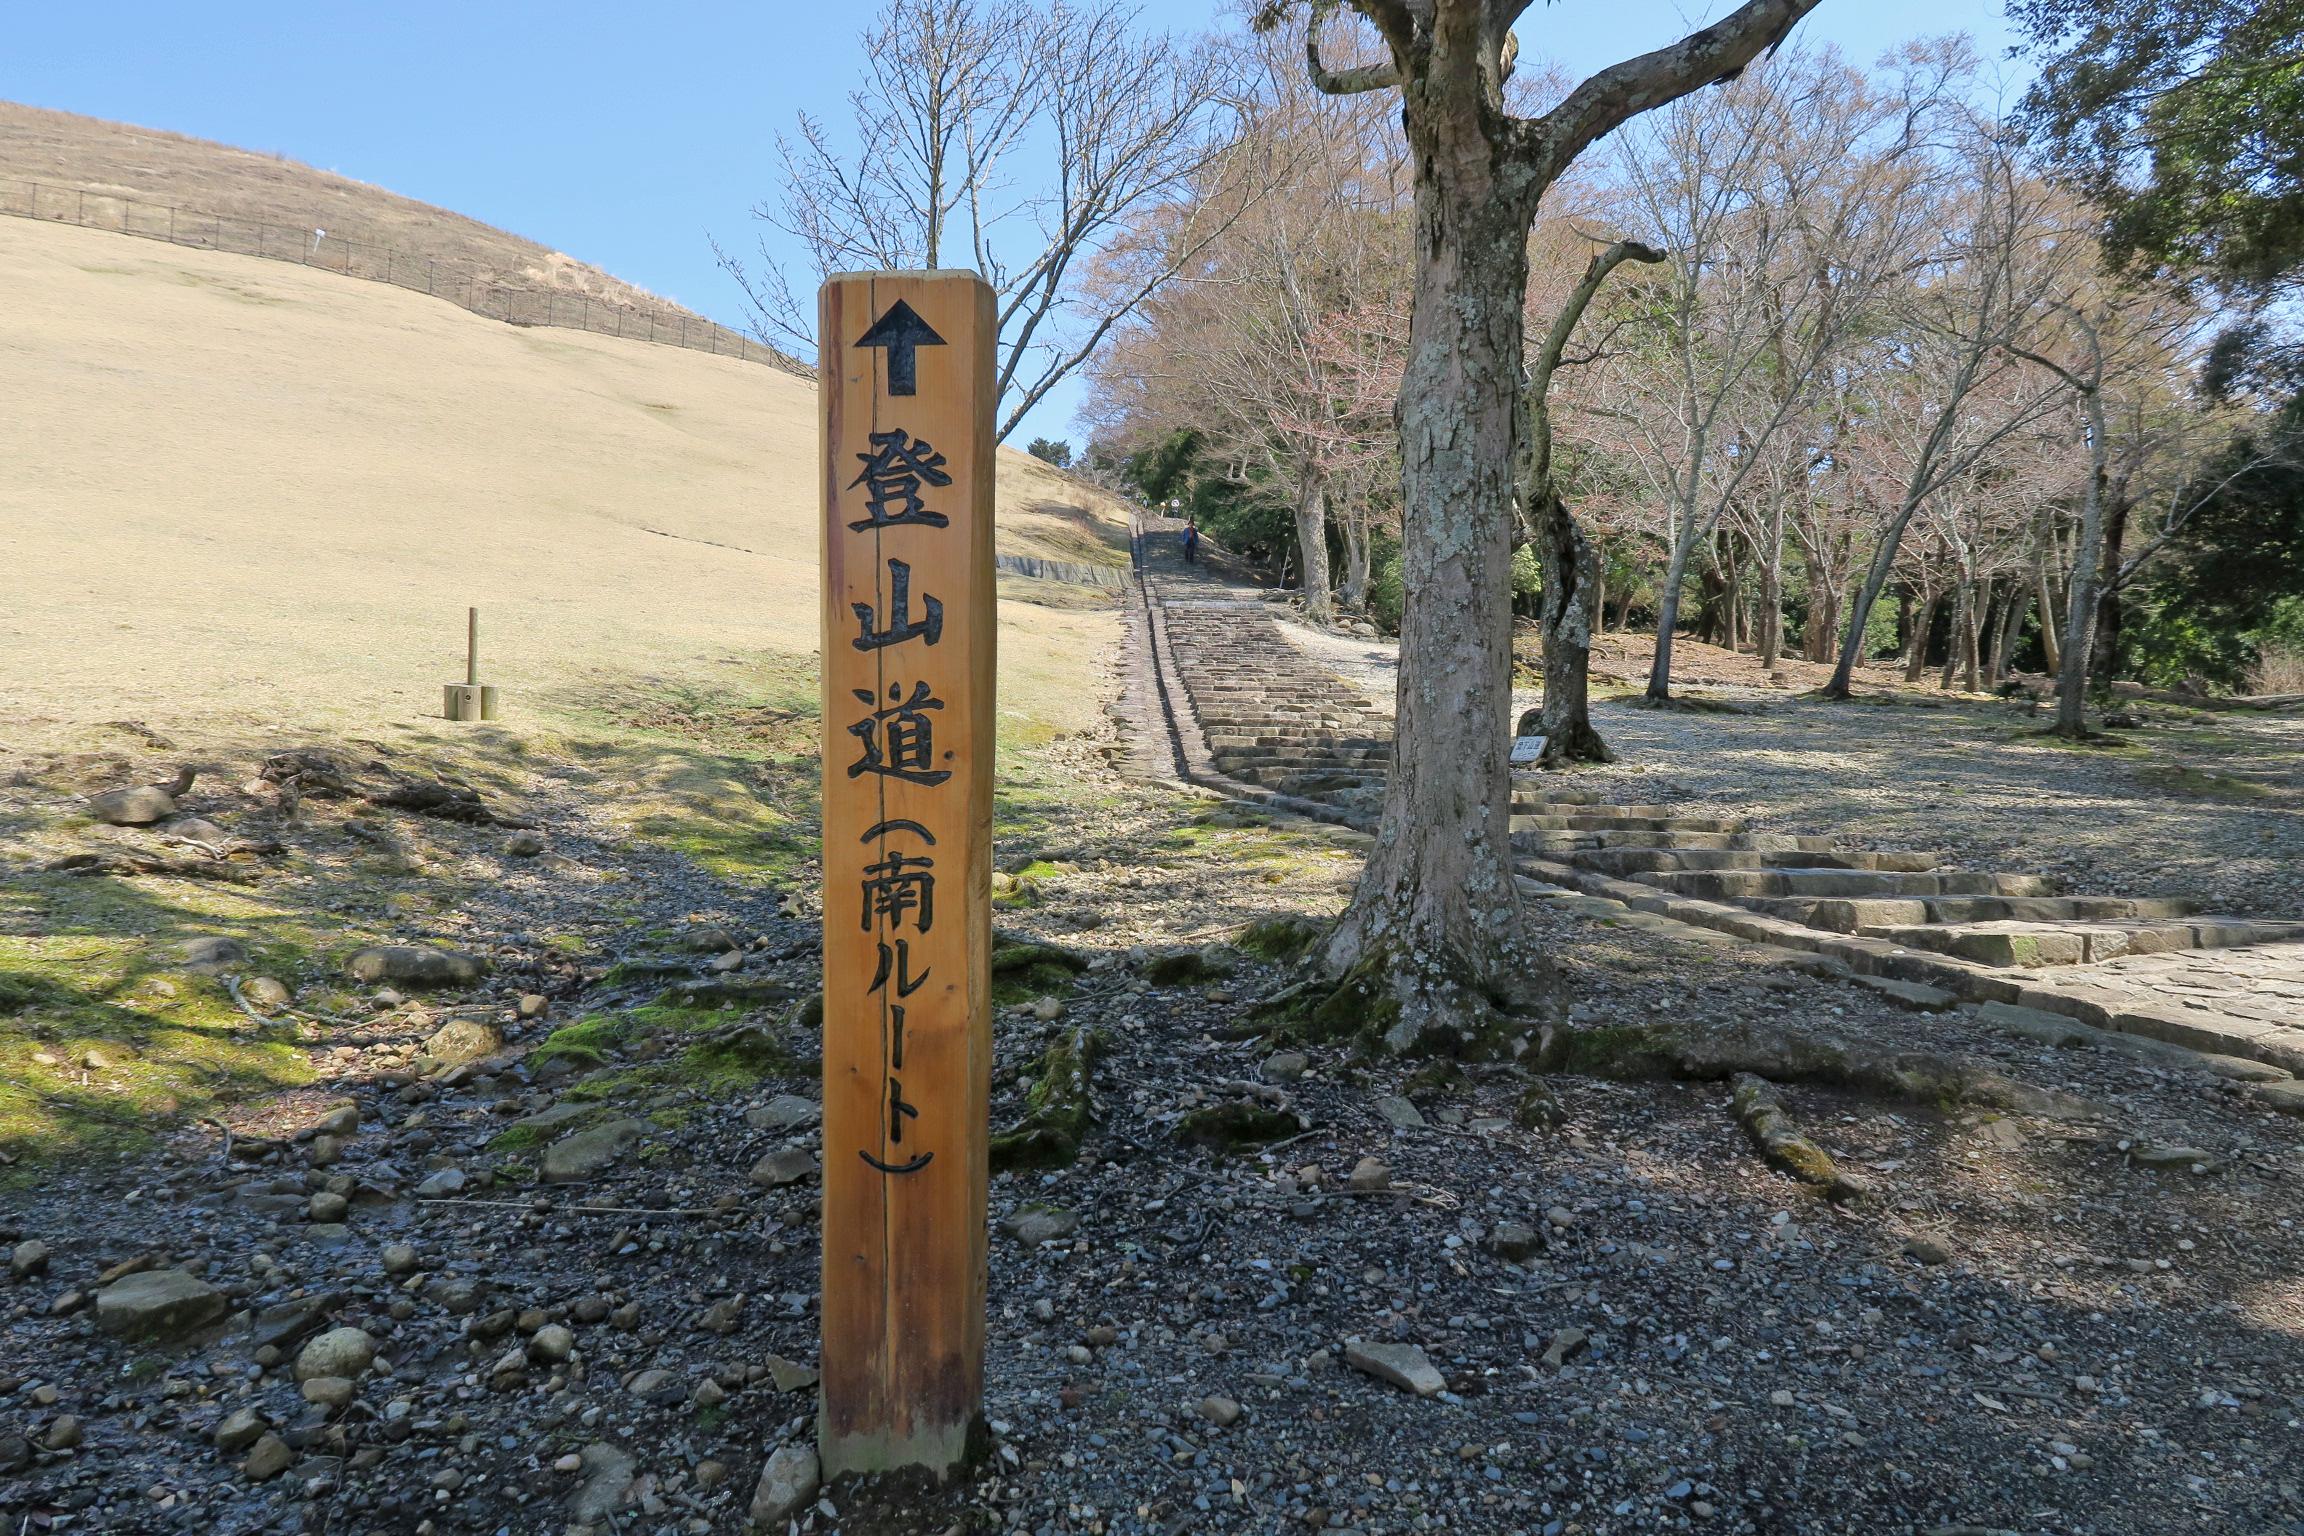 登山道(南ルート)。個人的には北ルートより南ルートの方が緩やかで登りやすいと思います。